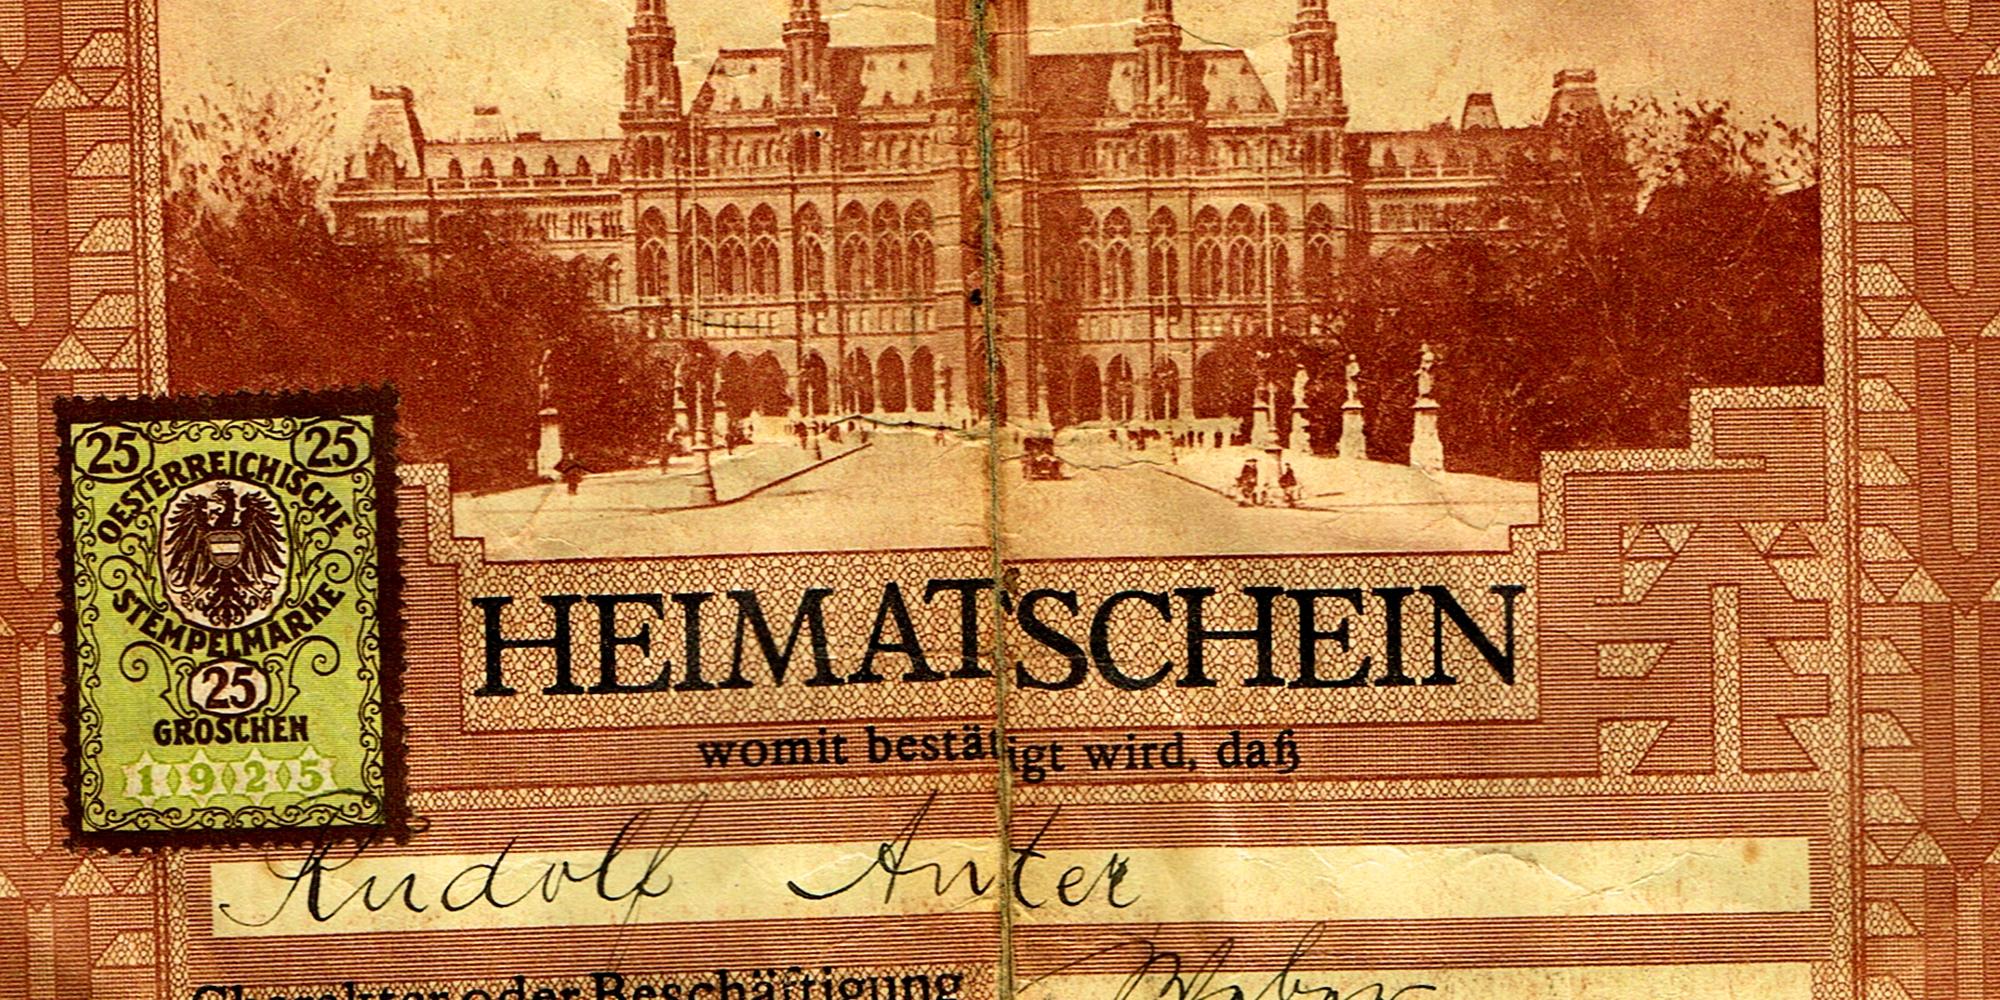 Ahnenforschung Anter Sudetenland - Winkler, Wien, Voigt, Vogtin, Vogt, Urban, Theimer, Steyr, Simmering, Rautenberg, Raase, Polcar, Peschke, Pelz, Padotzka, Österreich, Nagel, Mildner, Marionski, Manek, Leichter, Knoblich, Knappe, Knaak, Klemenz, Karb, Hornich, Groß, Fischer, Böhmen, Berlin, Bayer, Bahr, Appel, Anter, 1901, 1843